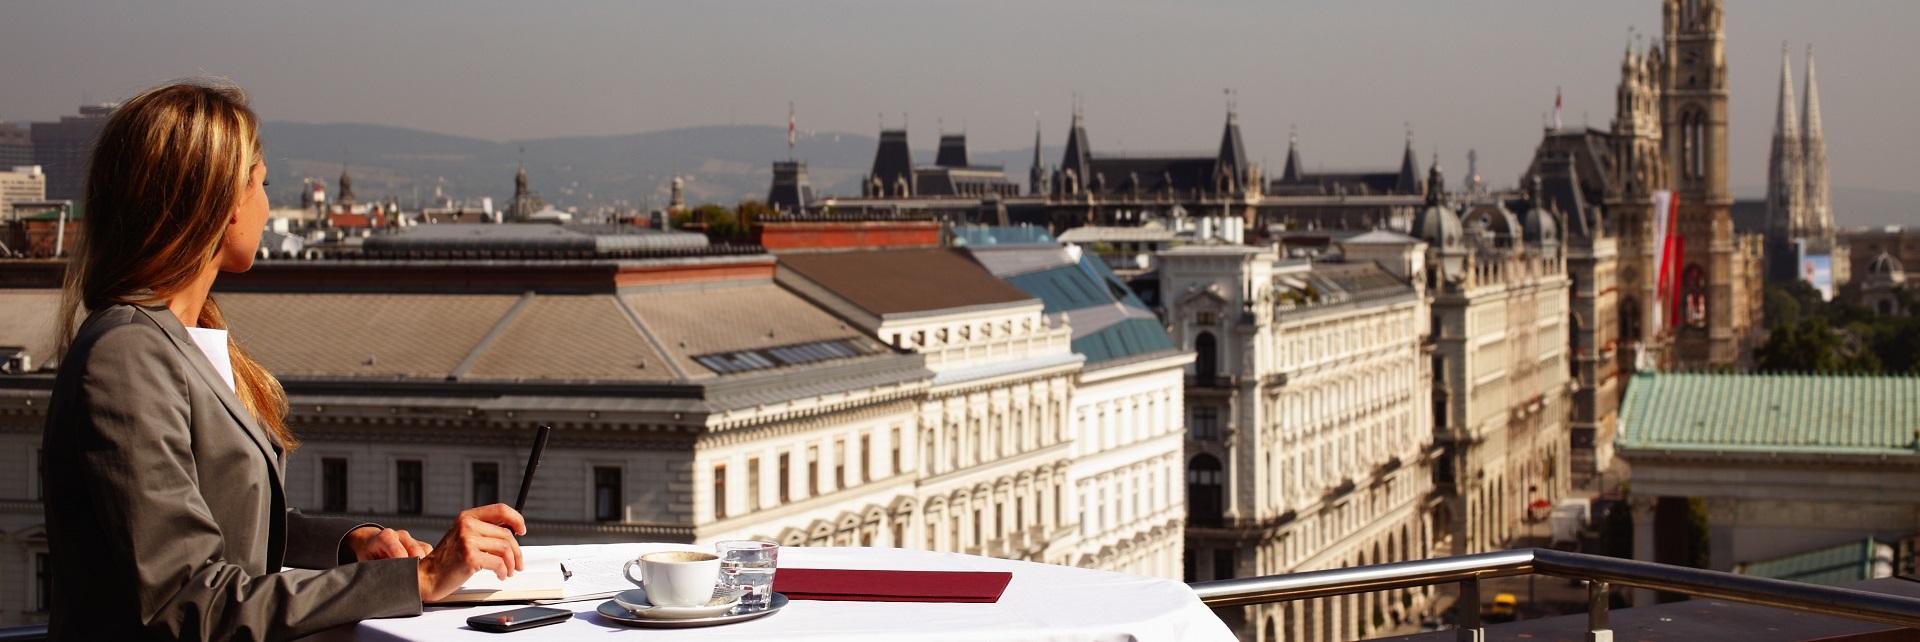 Wien, 2011, Justizpalast, Copyright www.peterrigaud.com